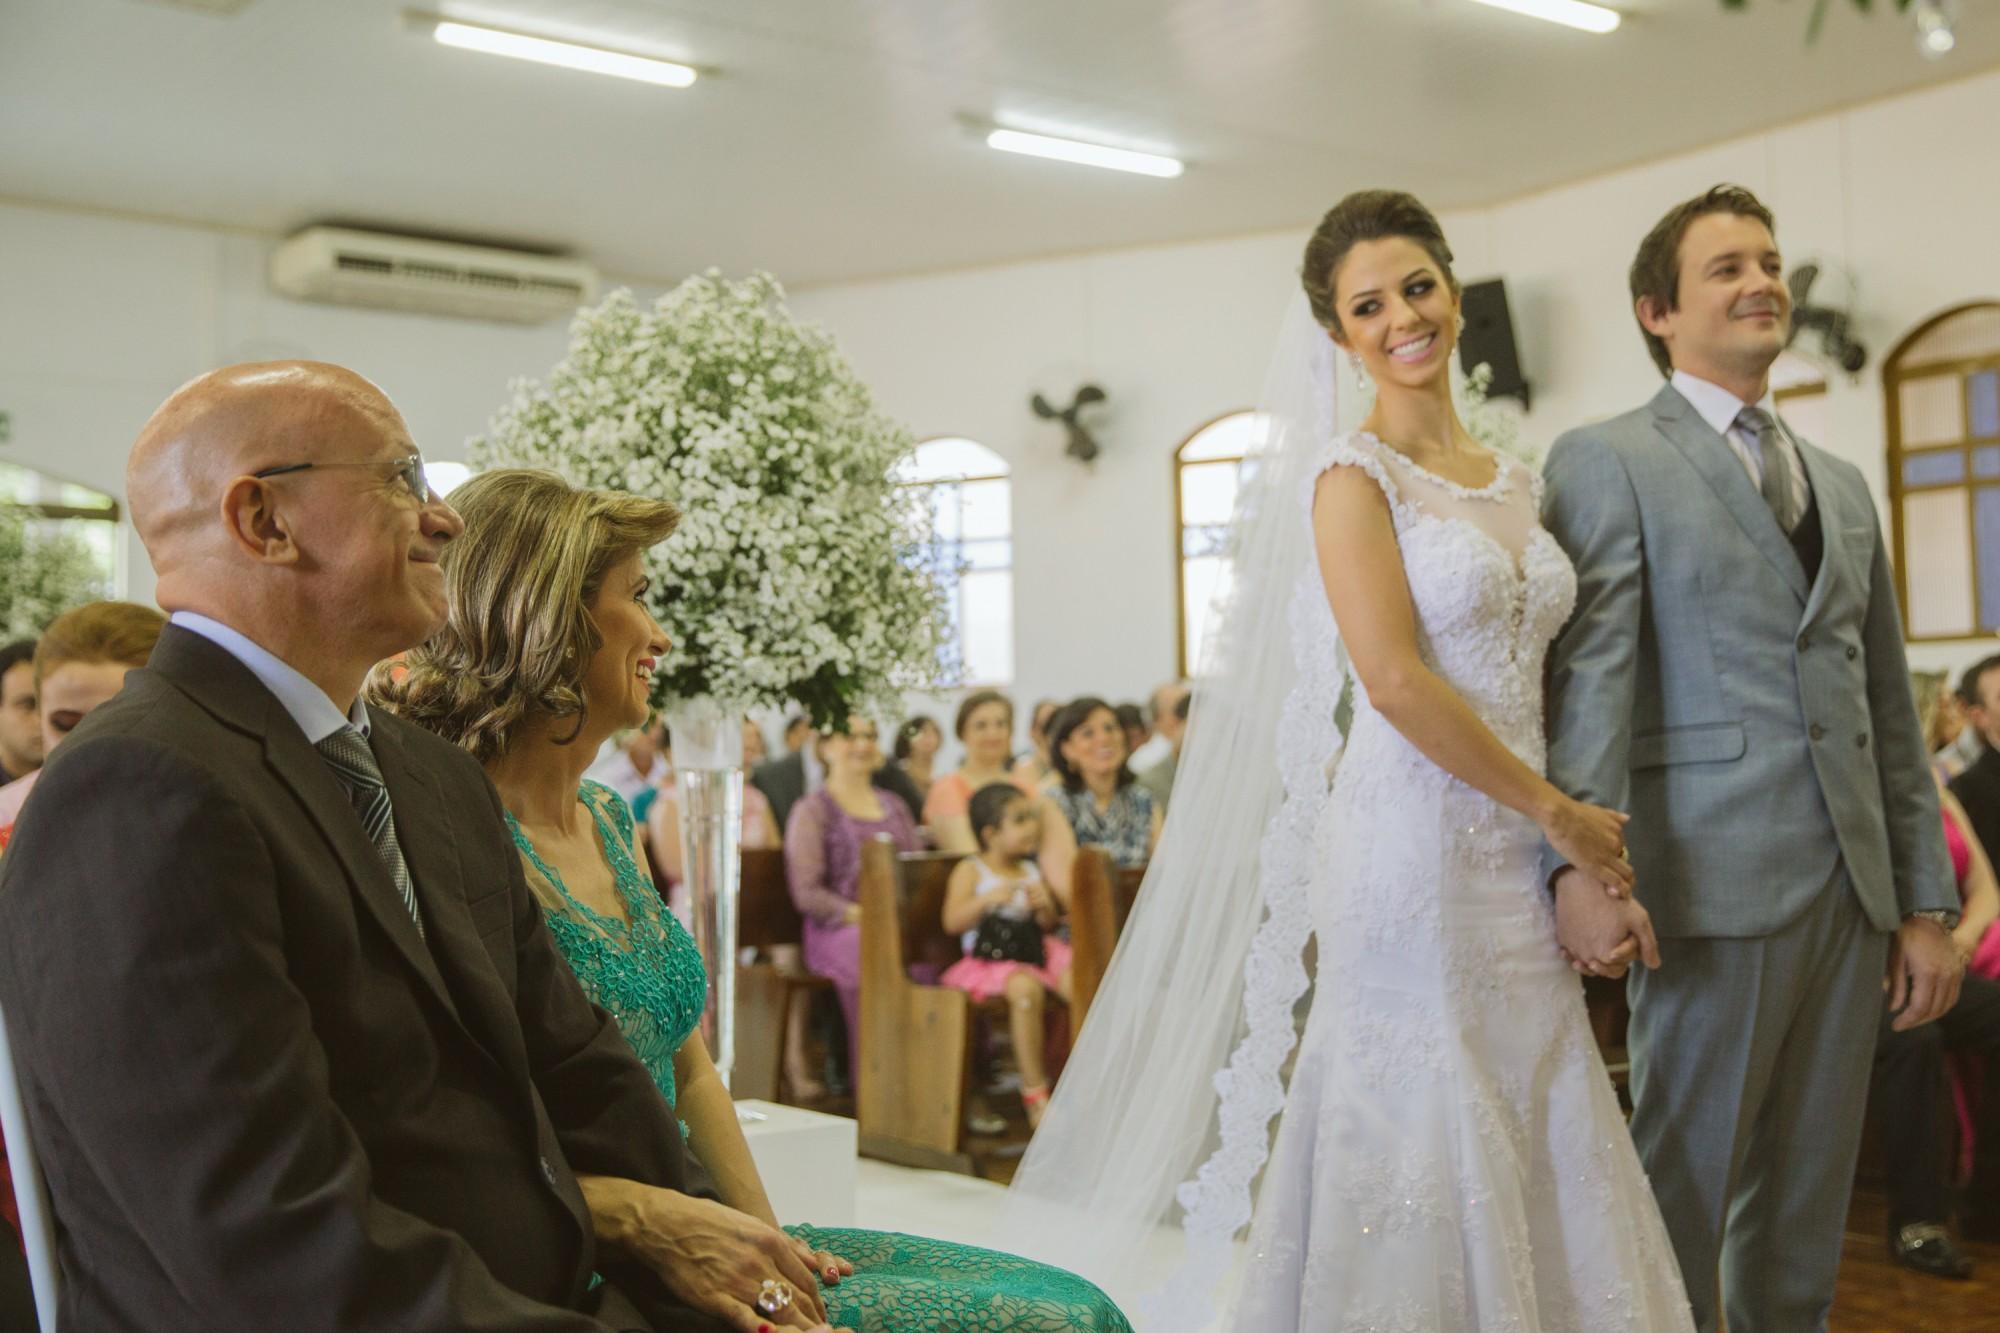 Maiara Kuki e Ricardo - Casamento em Palotina - PR por Lorran Souza e Léia Sotile - fotografo de casamentos00010